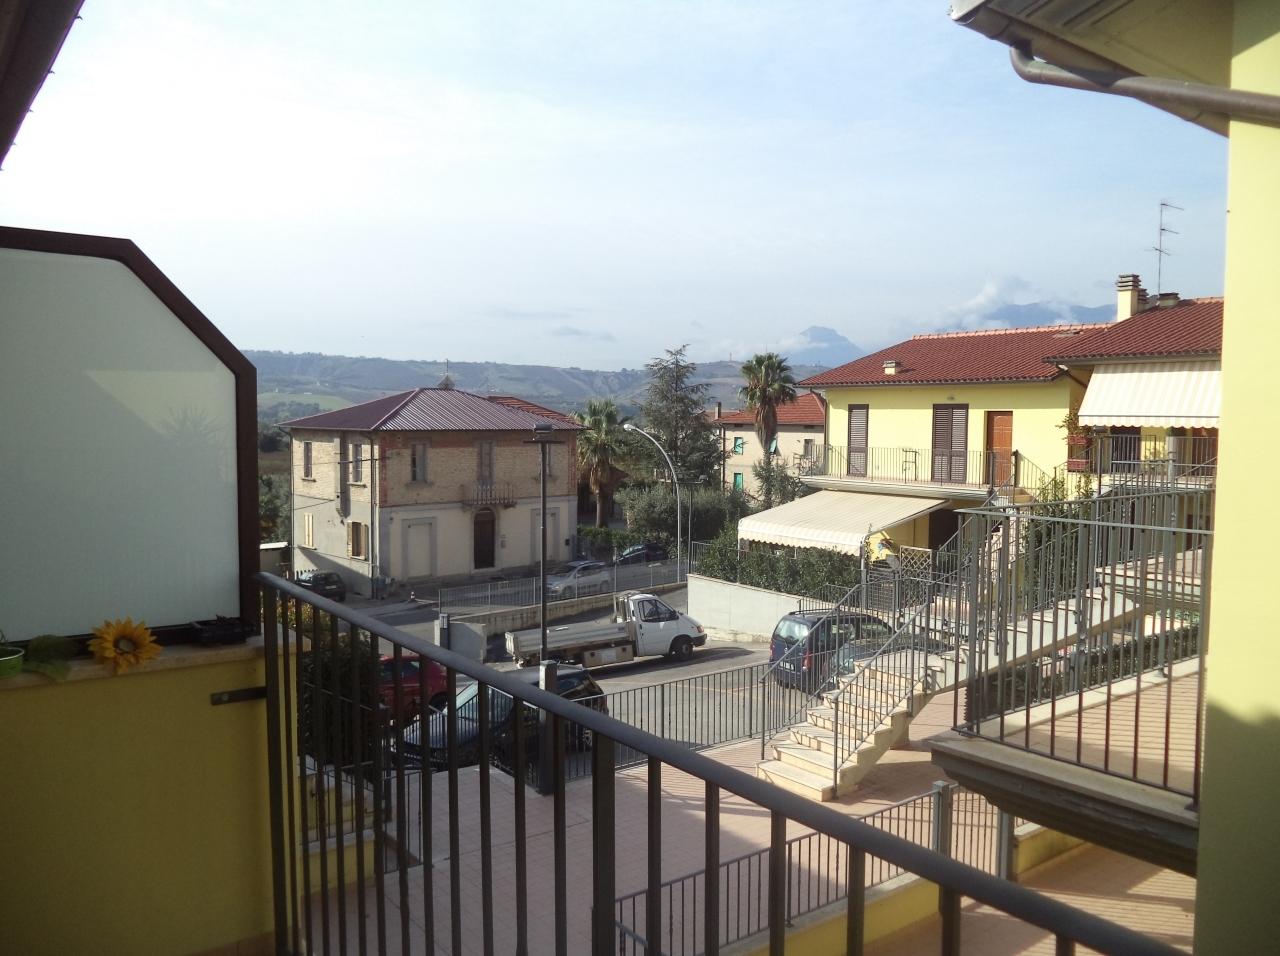 Appartamento in vendita a Colli del Tronto, 3 locali, prezzo € 115.000 | Cambio Casa.it